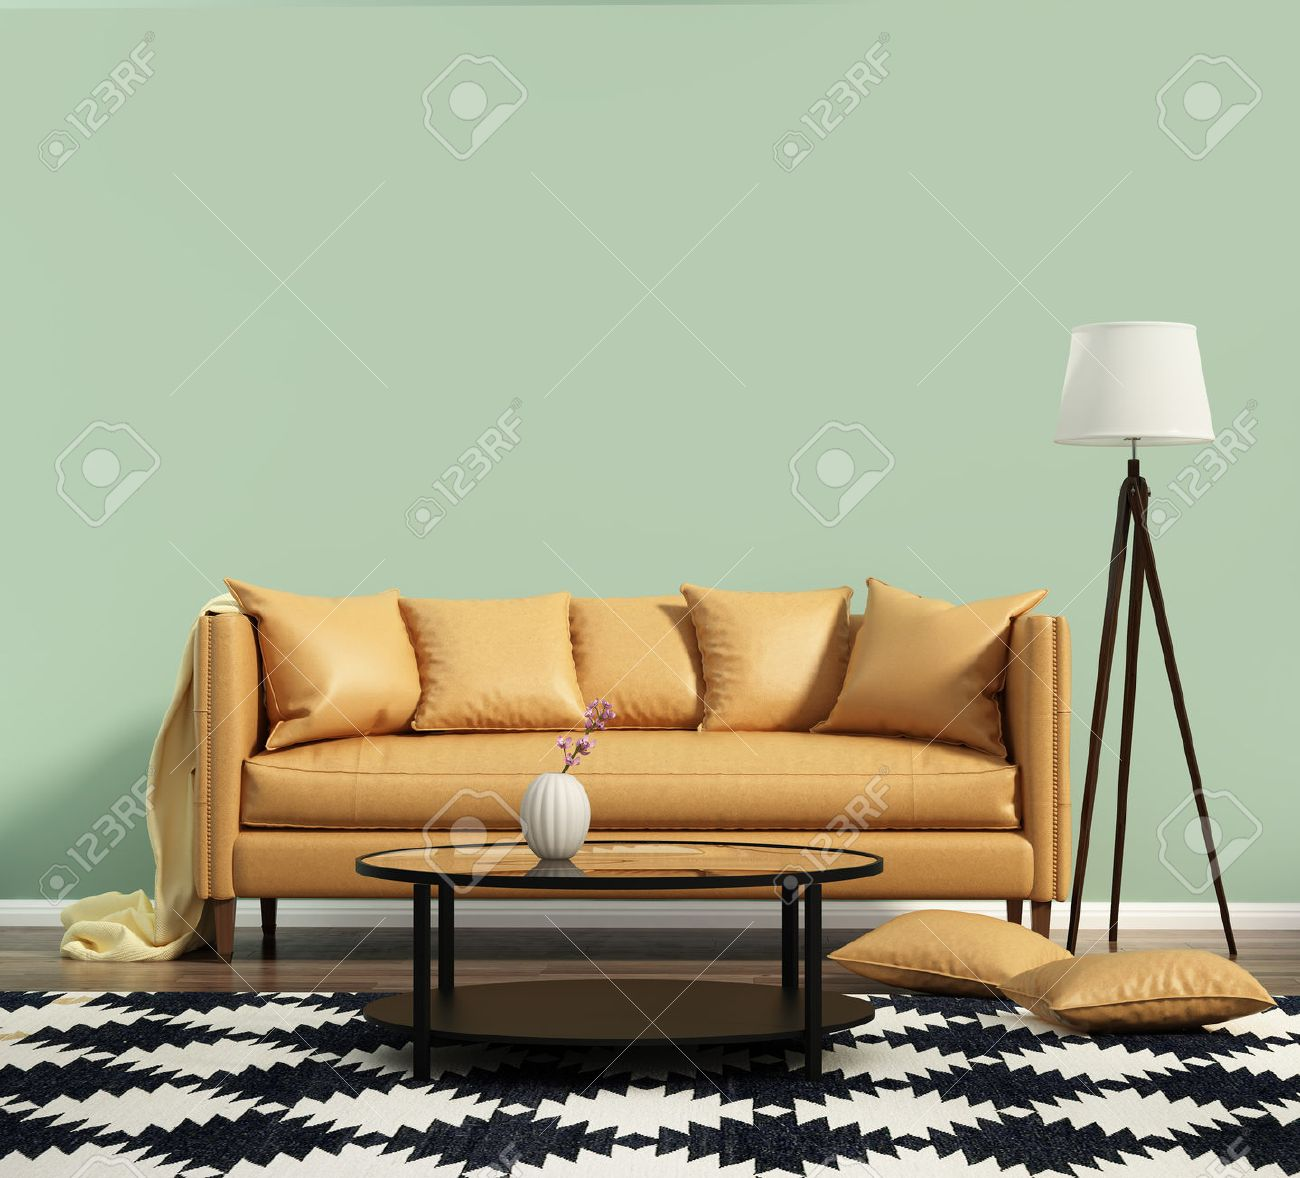 Wohnzimmer Mit Einem Ledersofa Mit Grunen Wand Lizenzfreie Fotos